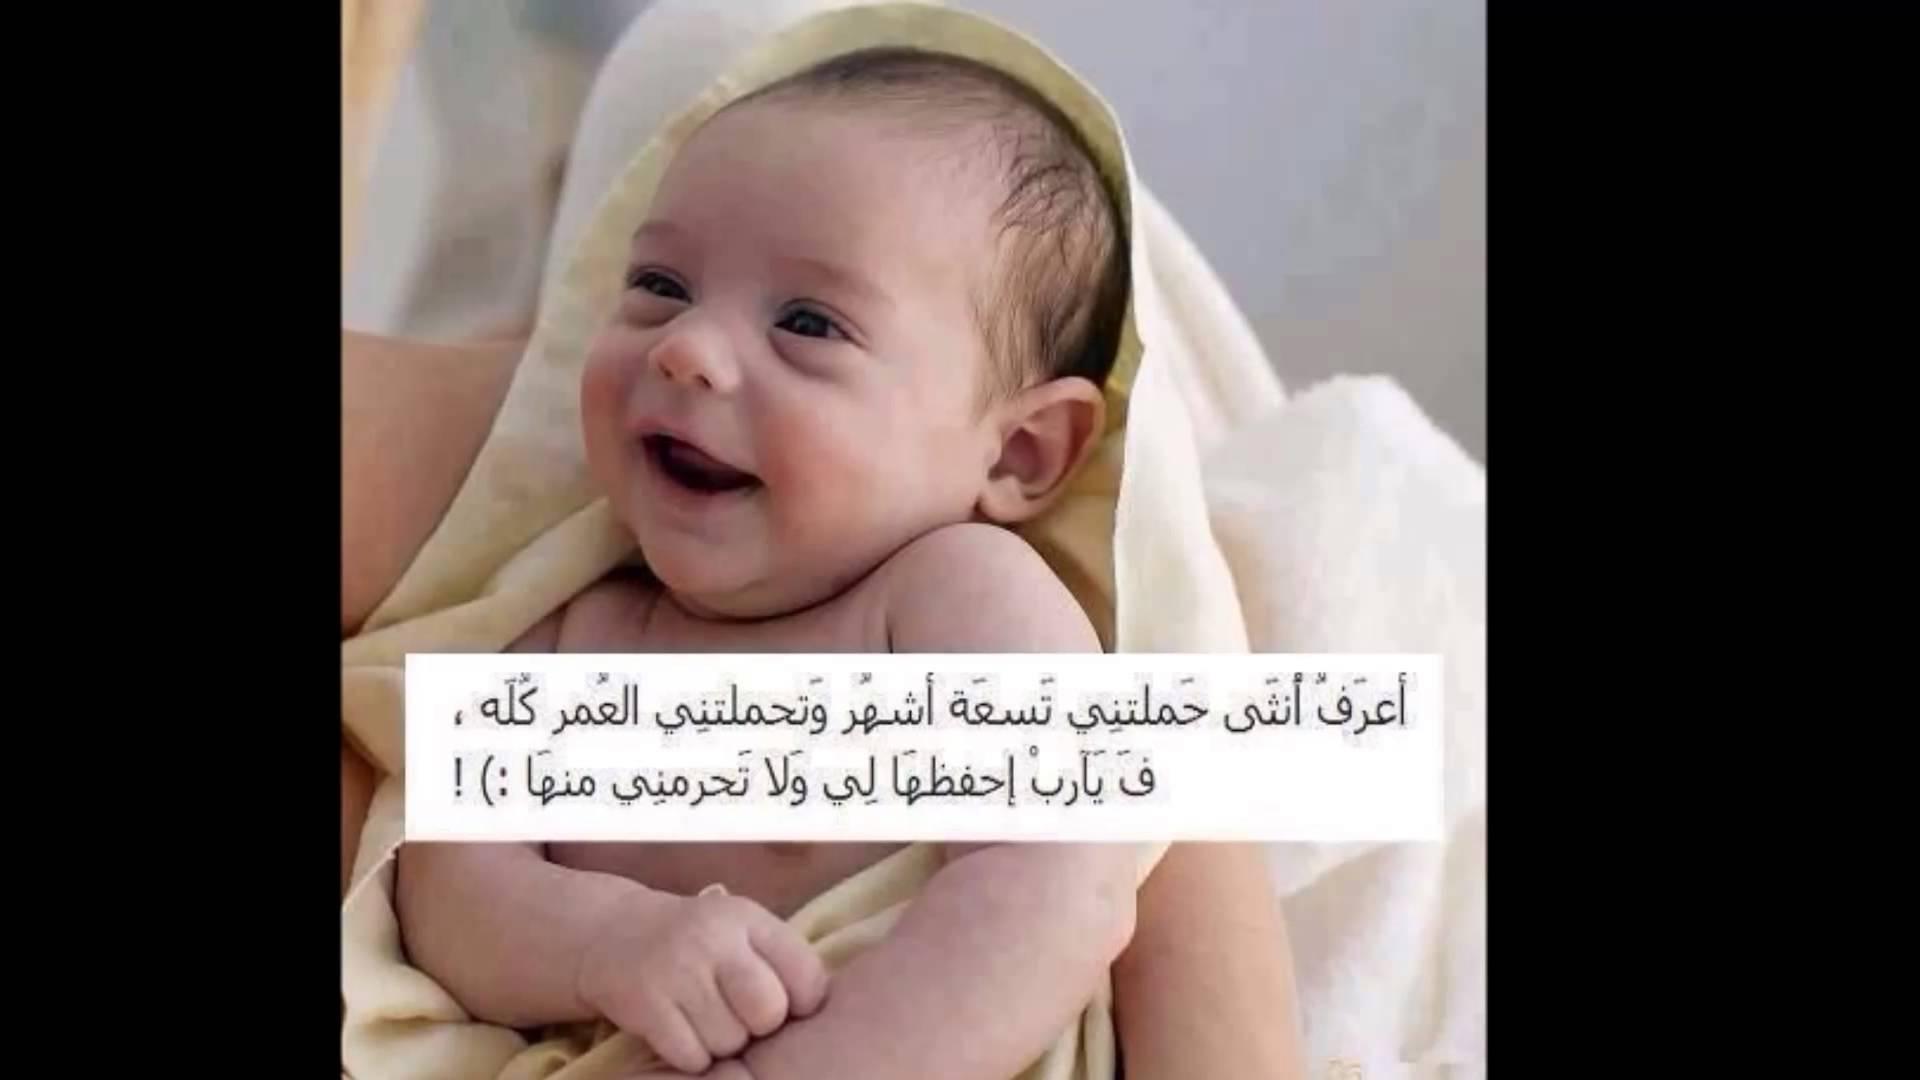 بالصور تهنئة مولود , تعرف على اجمل التهانئ التى تقدم للمولود 1931 9